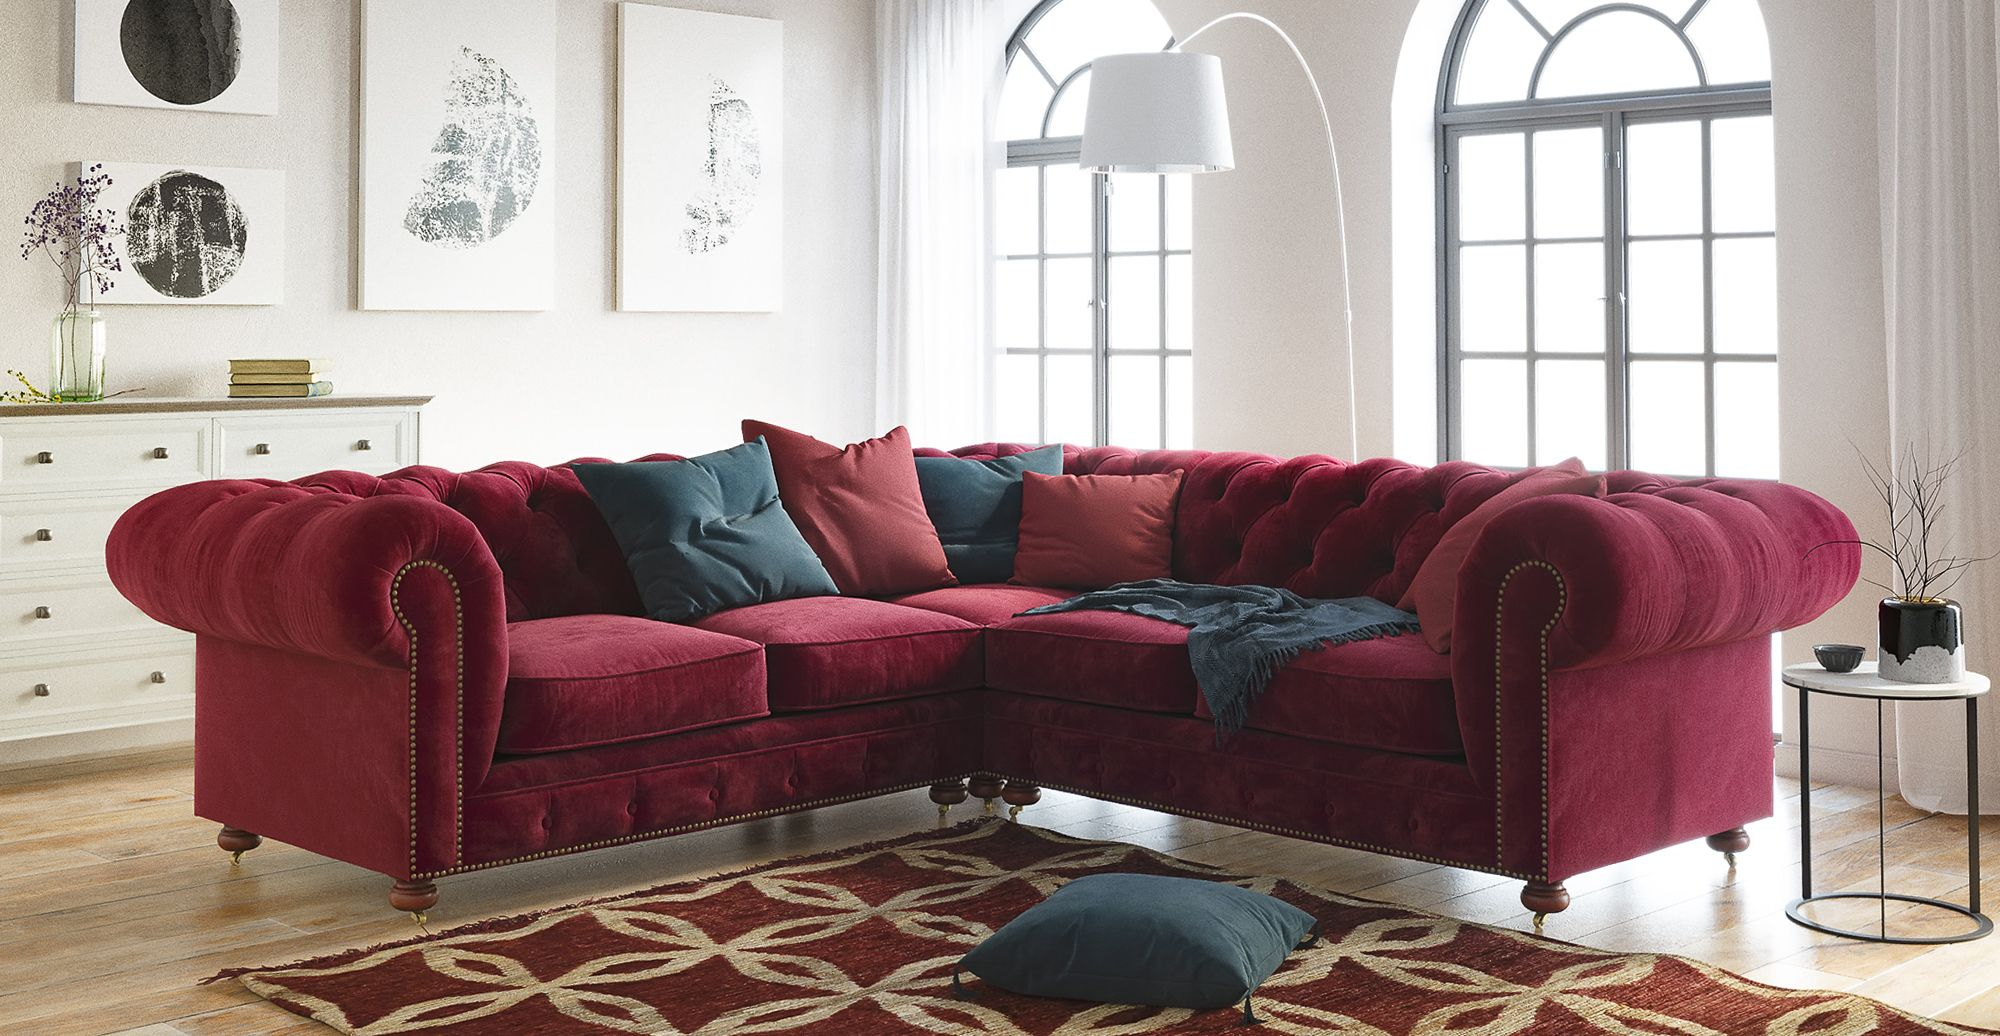 Notting Hill Velvet Chesterfield L Shaped Sectional Corner Sofa Corner Sofa Design Modular Corner Sofa Corner Sofa